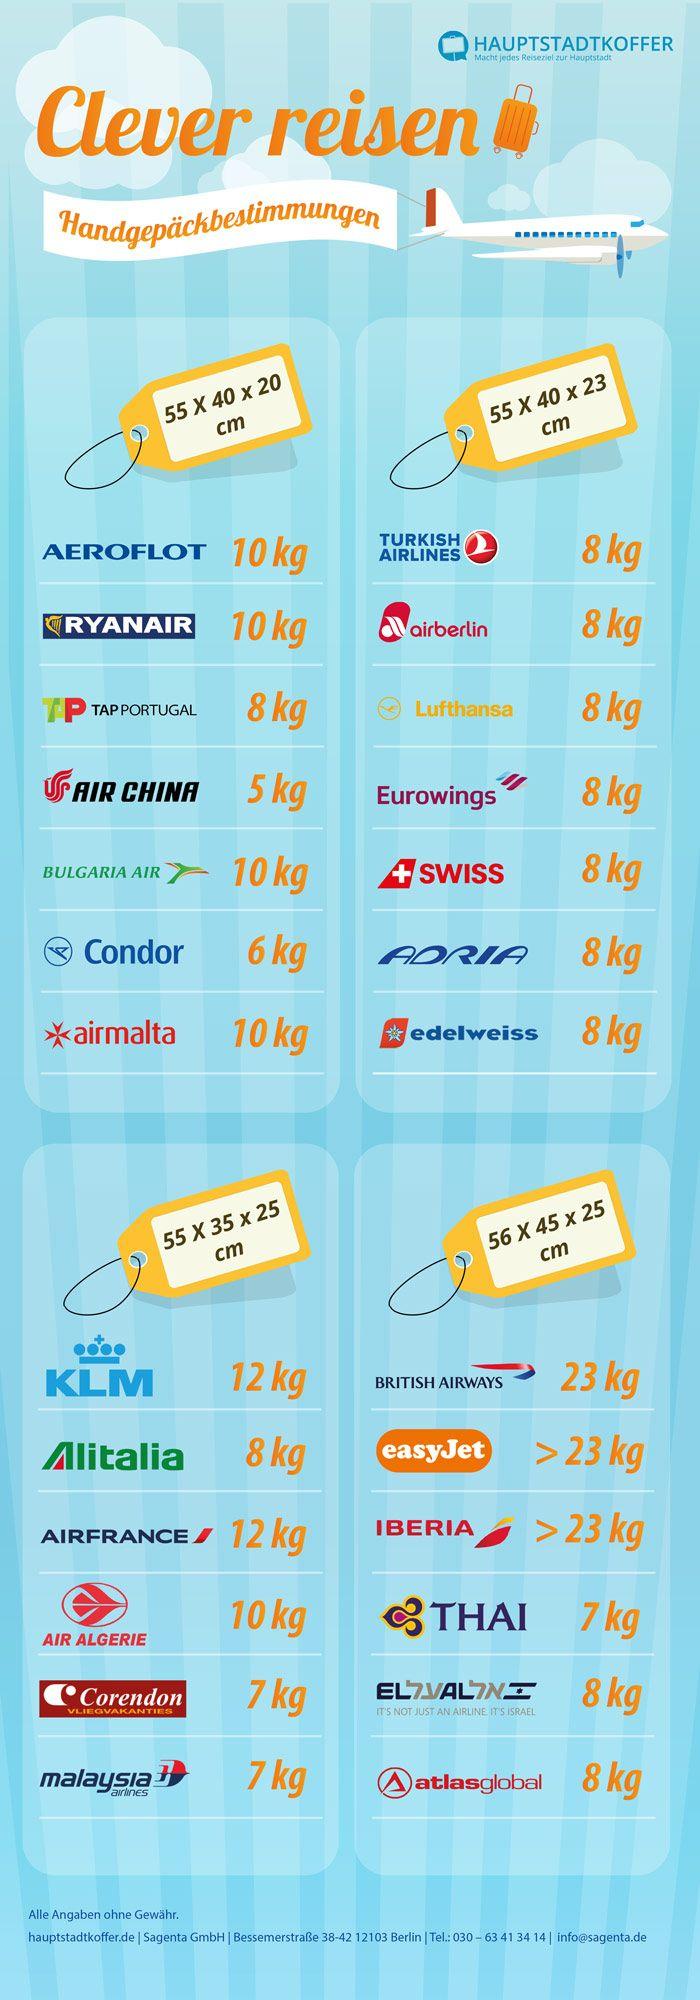 #Handgepäckbestimmungen - welche Maße und Gewichte gelten beim #Handgepäck #Airline #Travel #Baggage #CabinBag #Koffer #Flugreise #Flight #Urlaub #Holiday #packlist #Reise #Ferien #Reisekoffer #Hauptstadtkoffer #Trolley #Gepäck #luggage #handluggage #valise